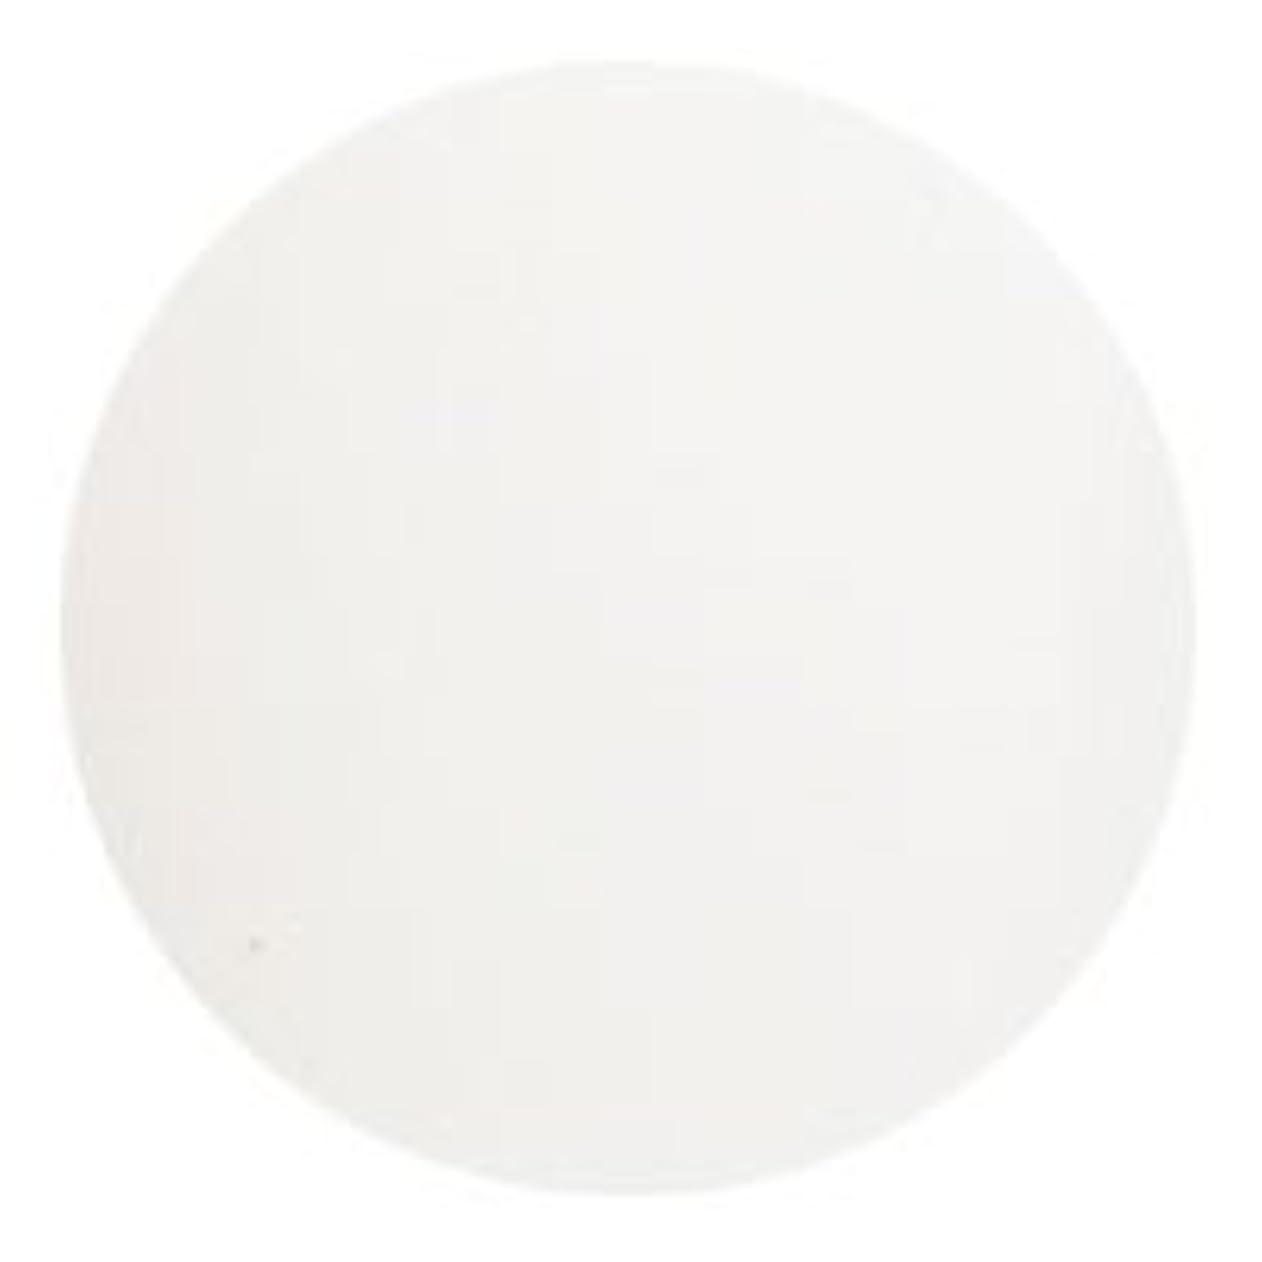 多分処分したストローLEAFGEL PREMIUM(リーフジェル プレミアム) カラージェル シースルー 4g K08 クラルテ?フラグランス